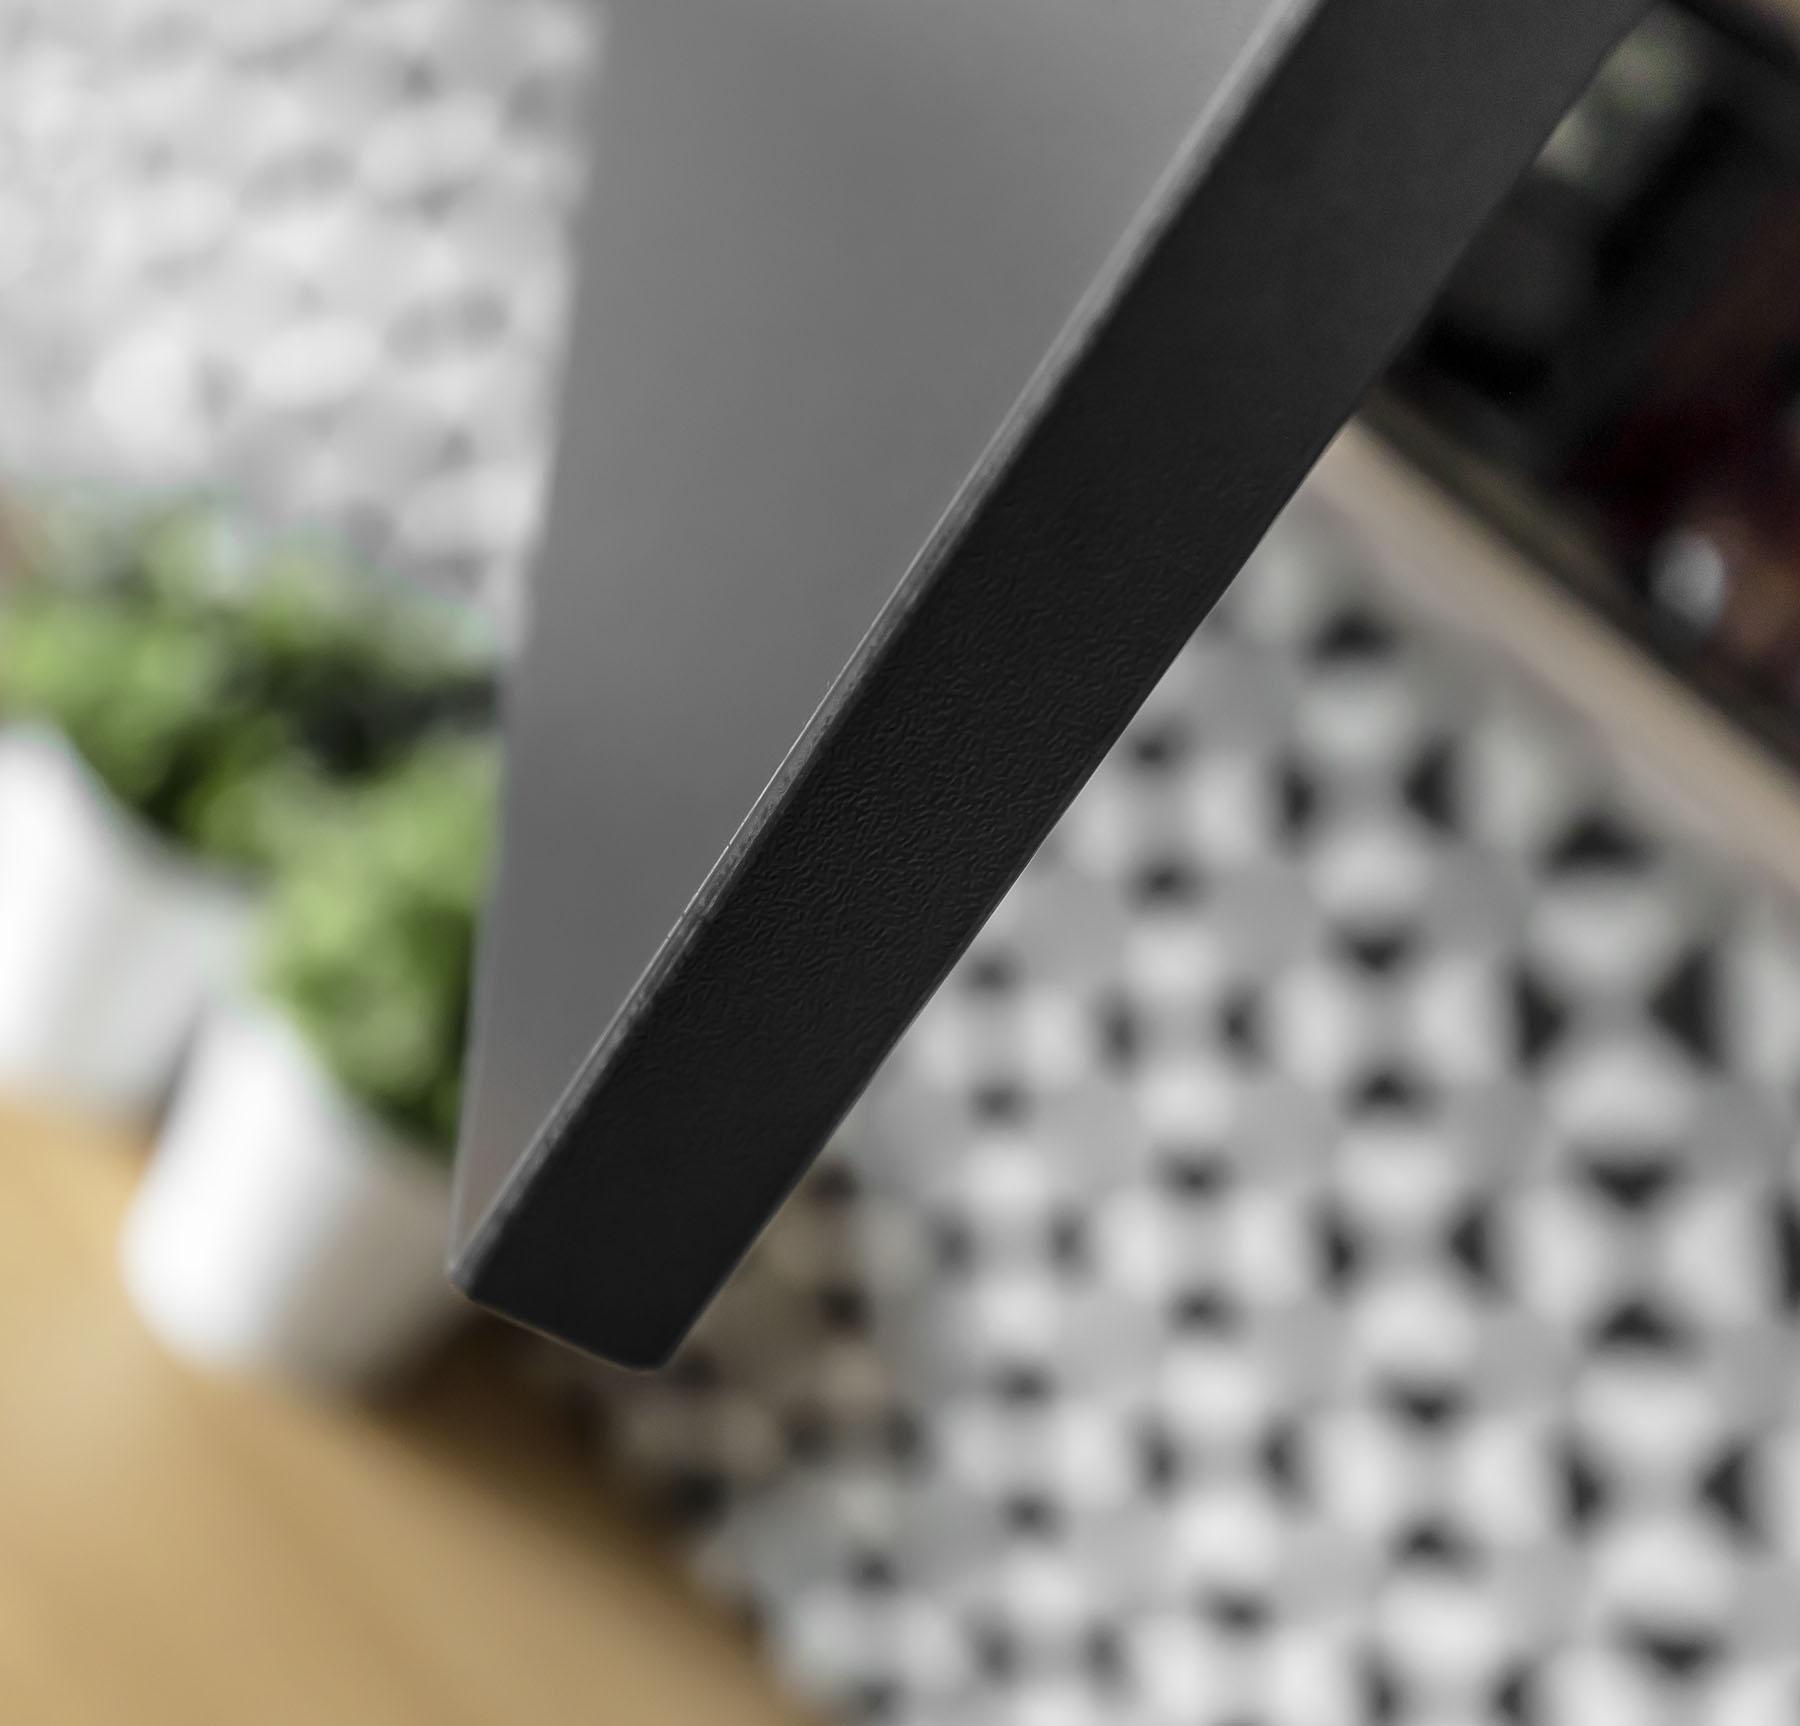 Meble kuchenne - zbliżenie na front - meble kuchenne SAS Wnętrza i Kuchnia, projekt architekt wnętrz Emilia Strzempek Plasun.